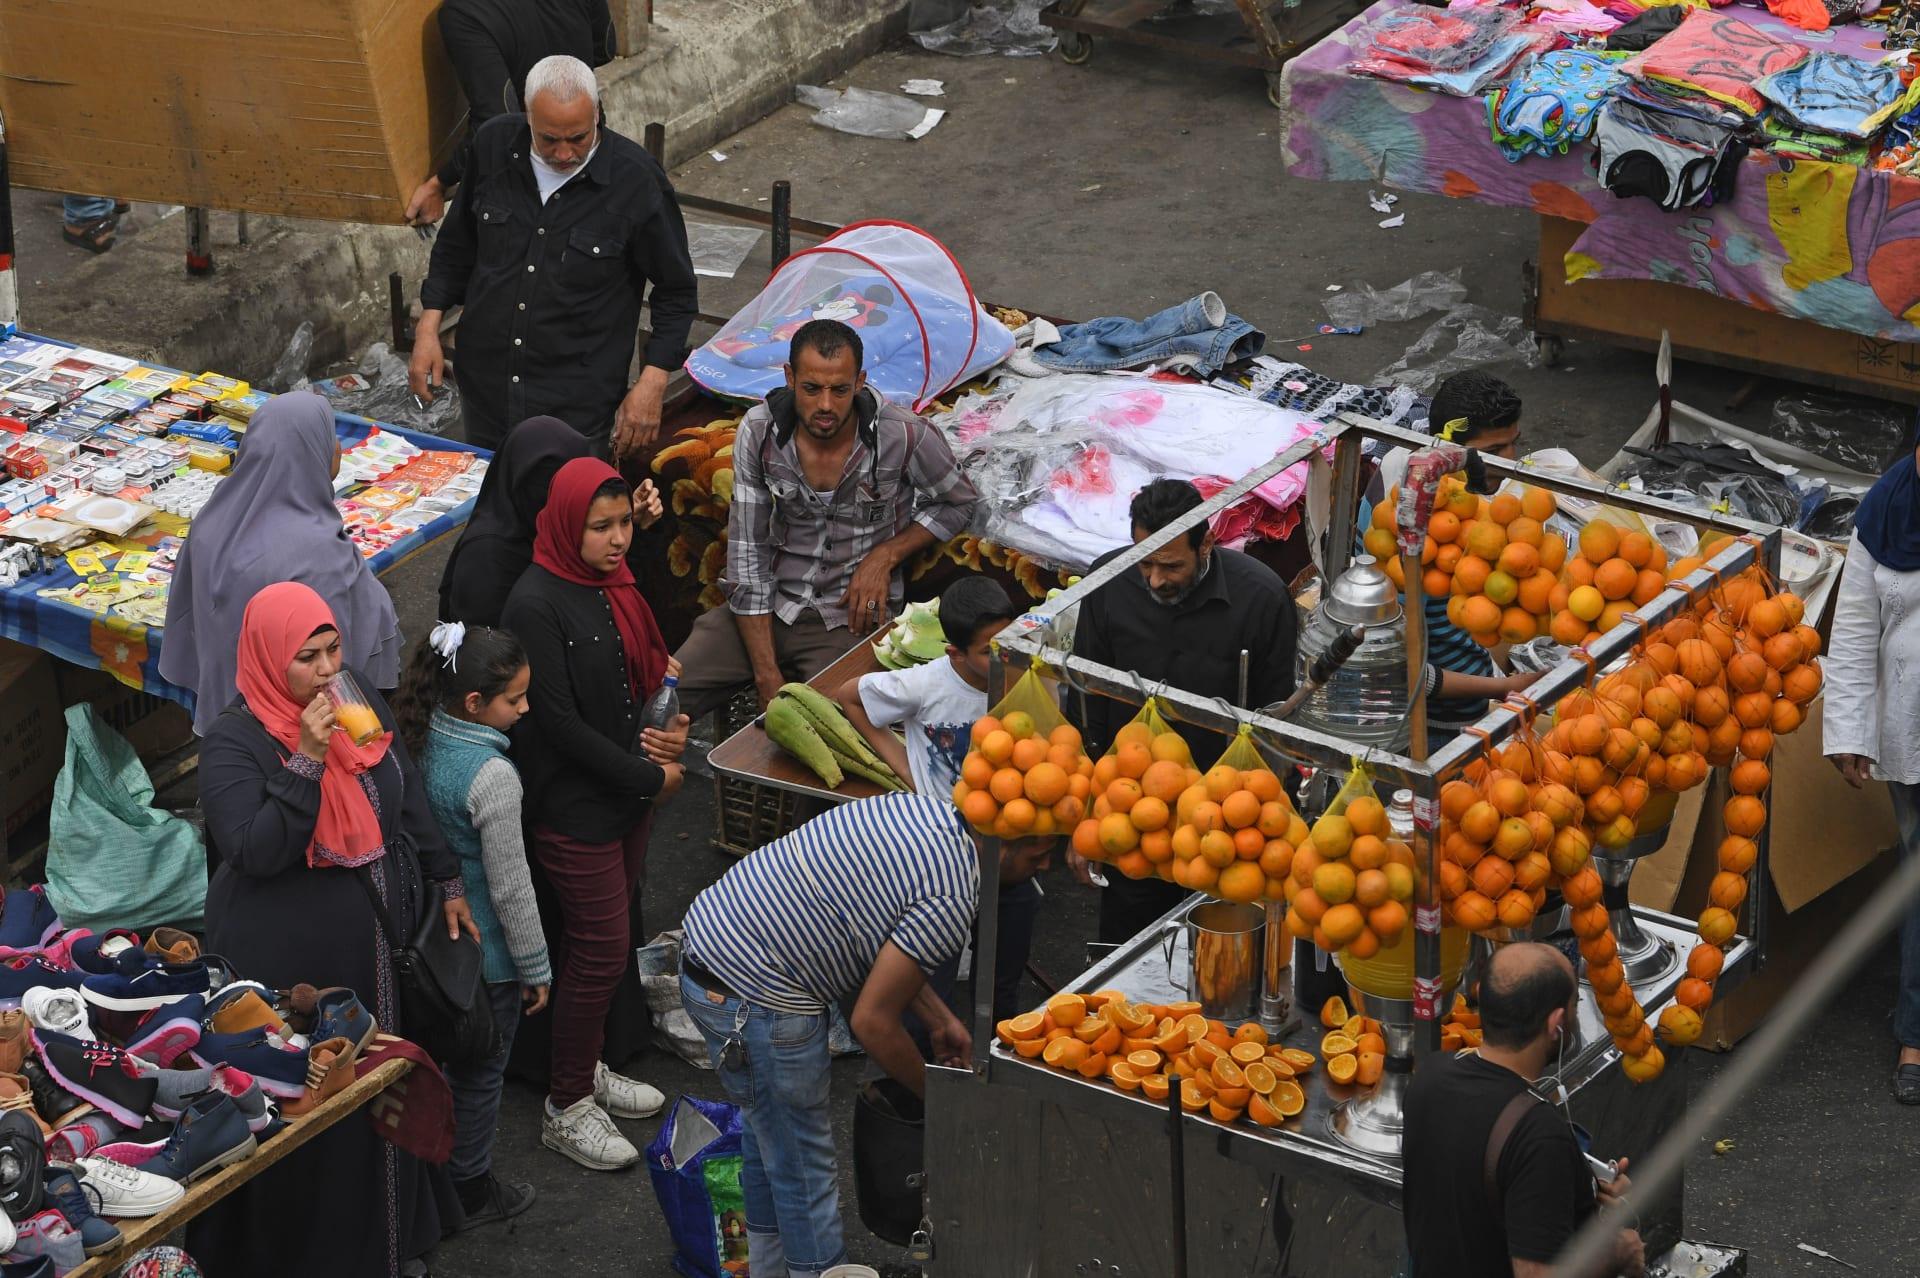 التضخم يتراجع في مصر لأول مرة منذ 4 أشهر..ومحللان يشرحان لـCNN